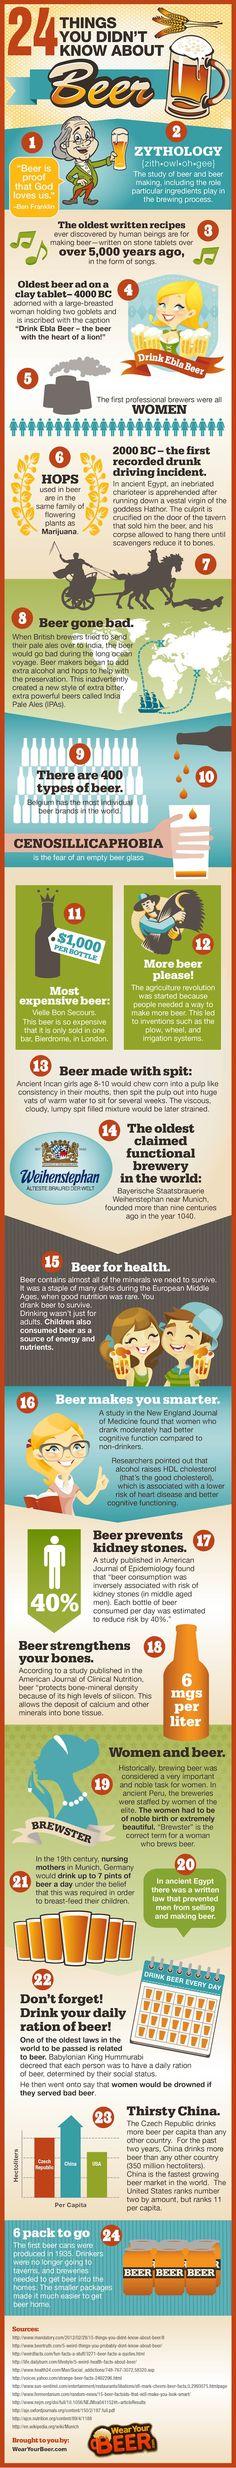 이 24가지만 알면 당신도 맥주 마스터... 인포그래픽 by WearYourBeer